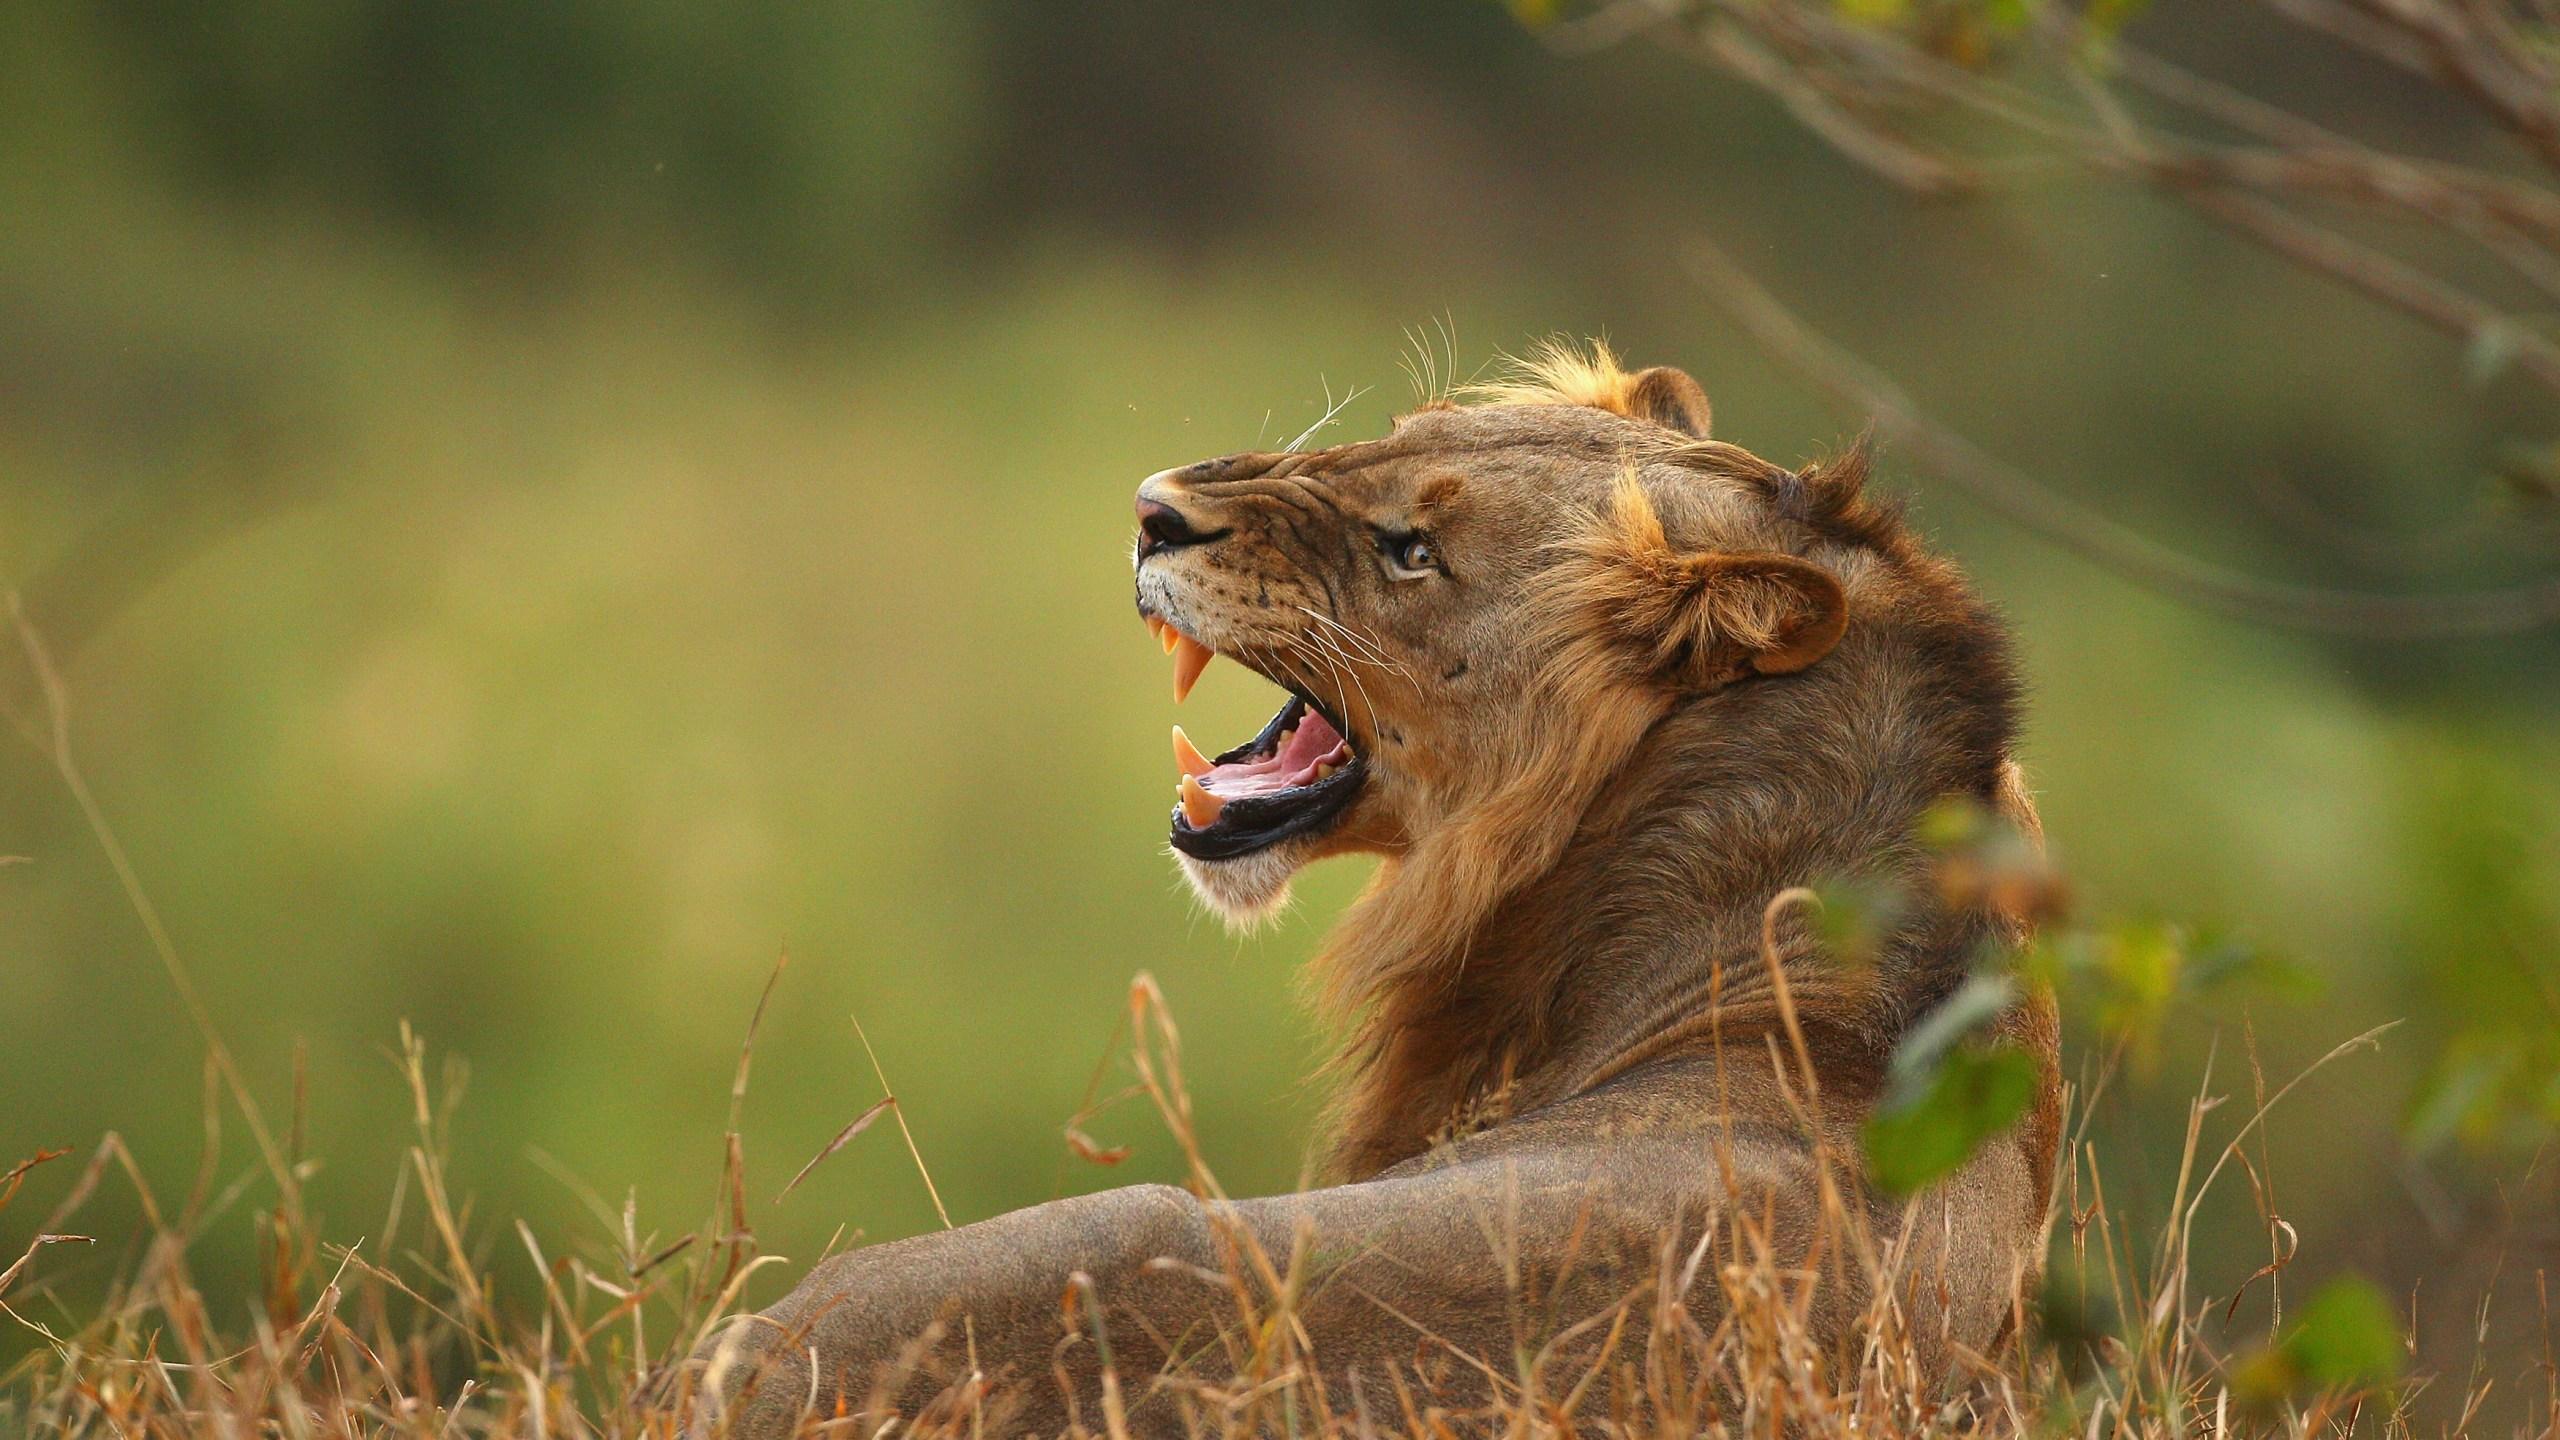 An African Safari_634801